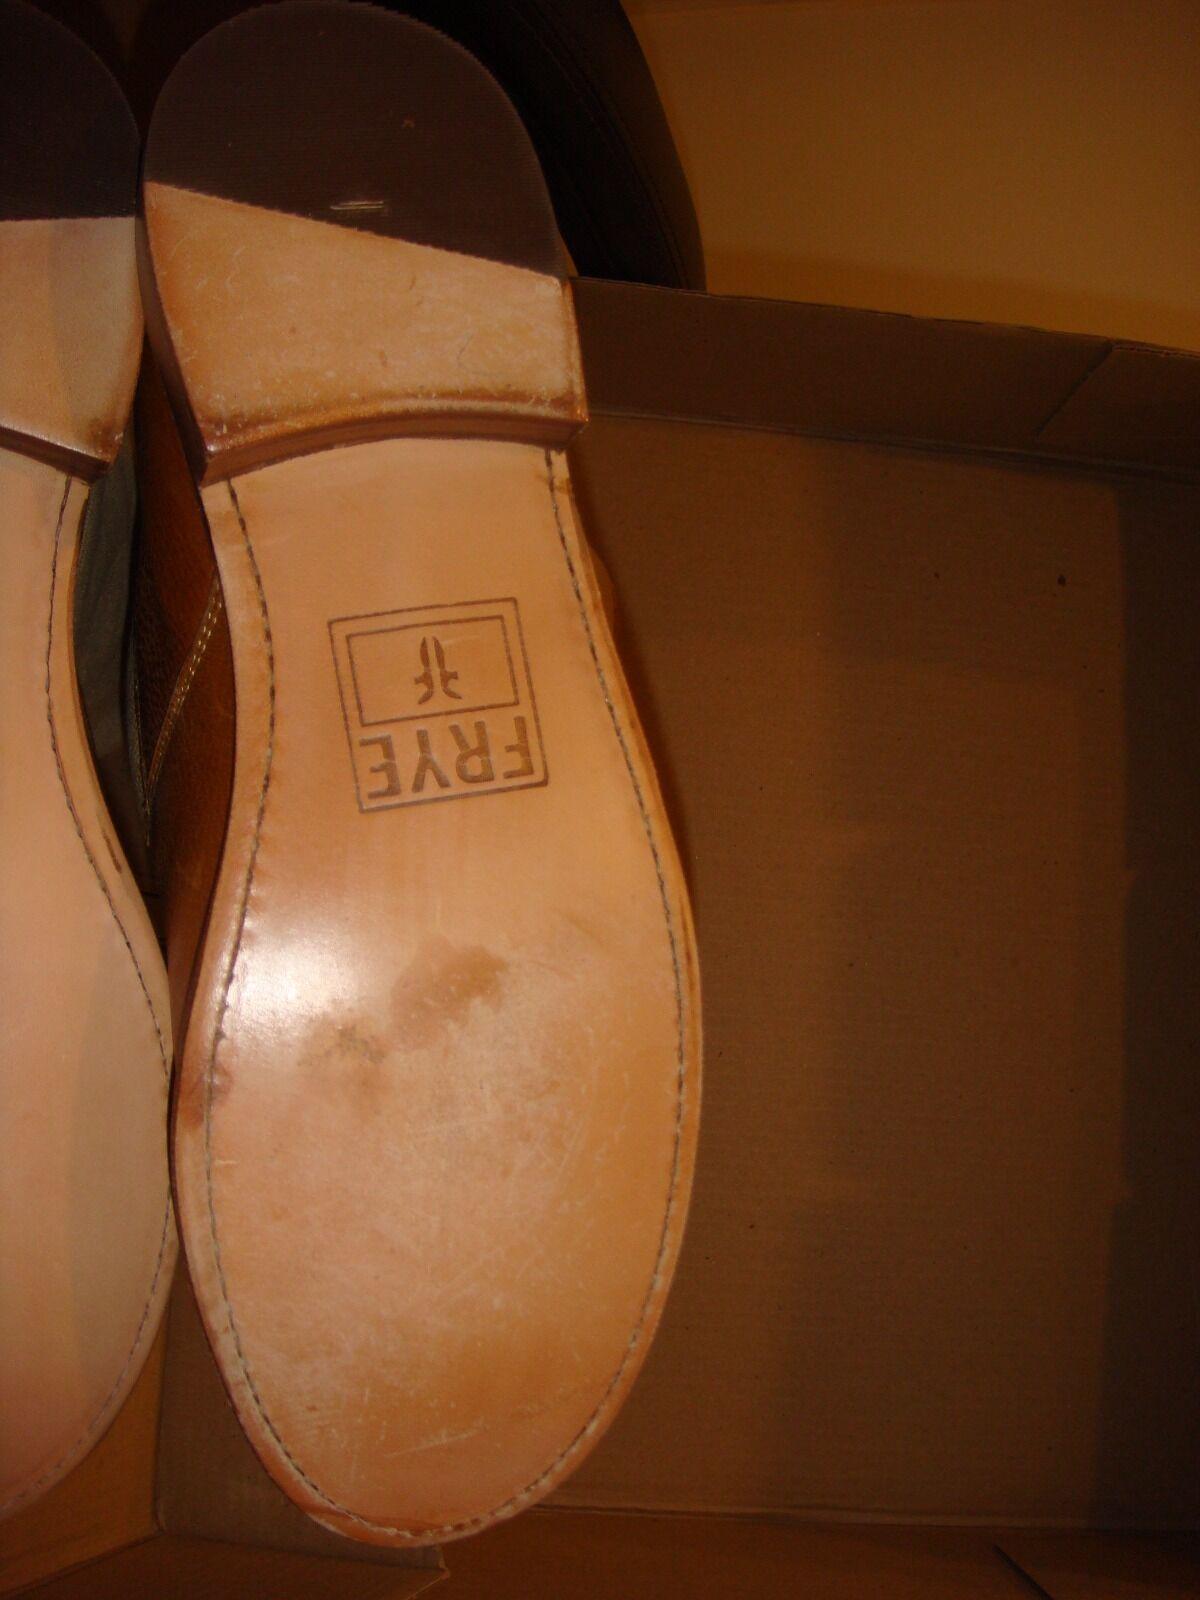 480 Victoria's Secret chaussure chaussure chaussure botte FRYE cuir marron en toile Taille 9 hautes NEUF e589ab